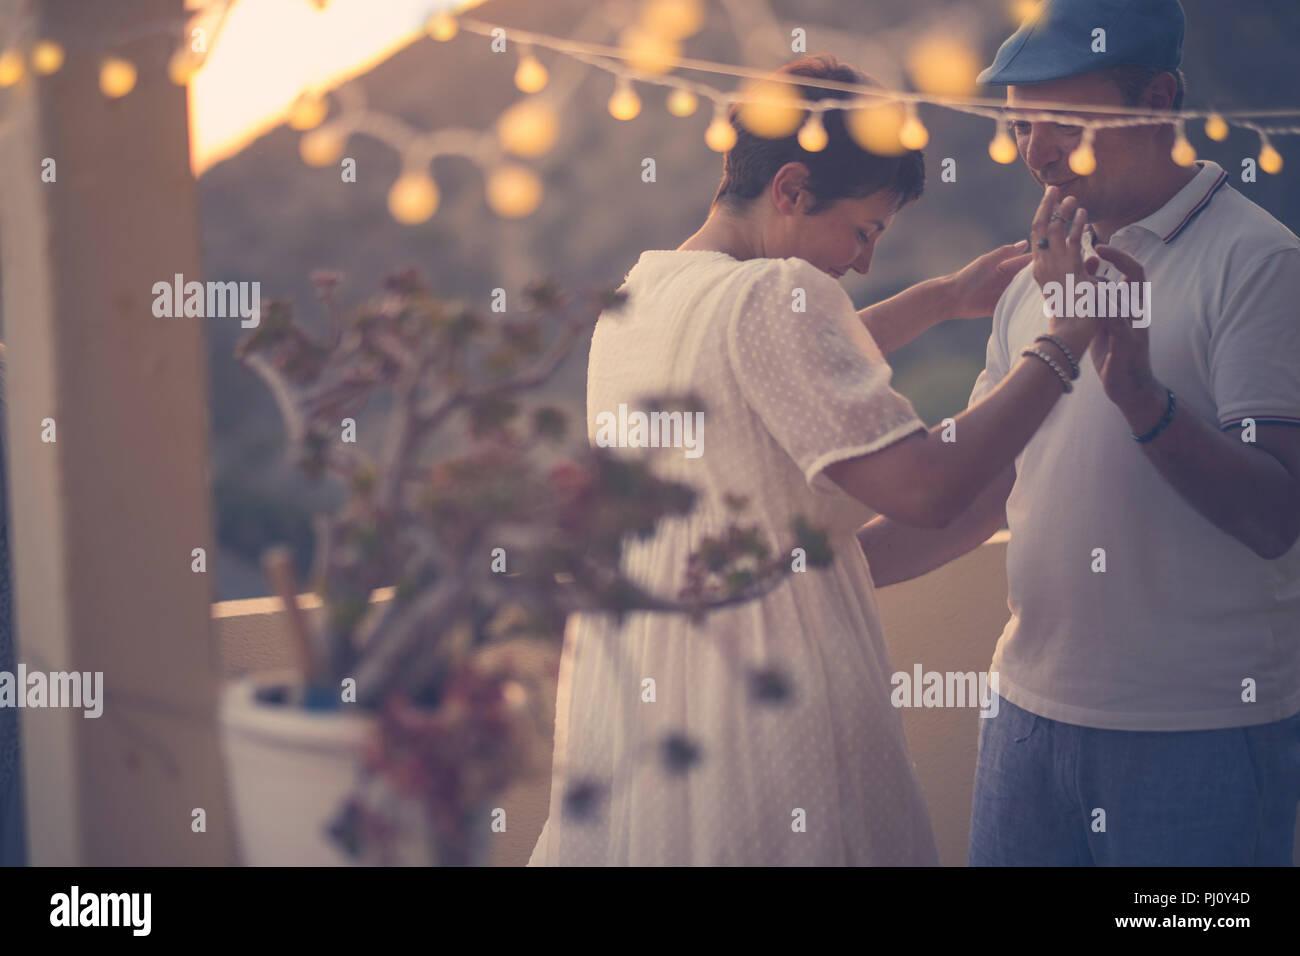 Baile de pareja romántica junto con el amor y el romance durante la noche en el hogar en la terraza. actividad de ocio al aire libre durante la edad media wo Imagen De Stock